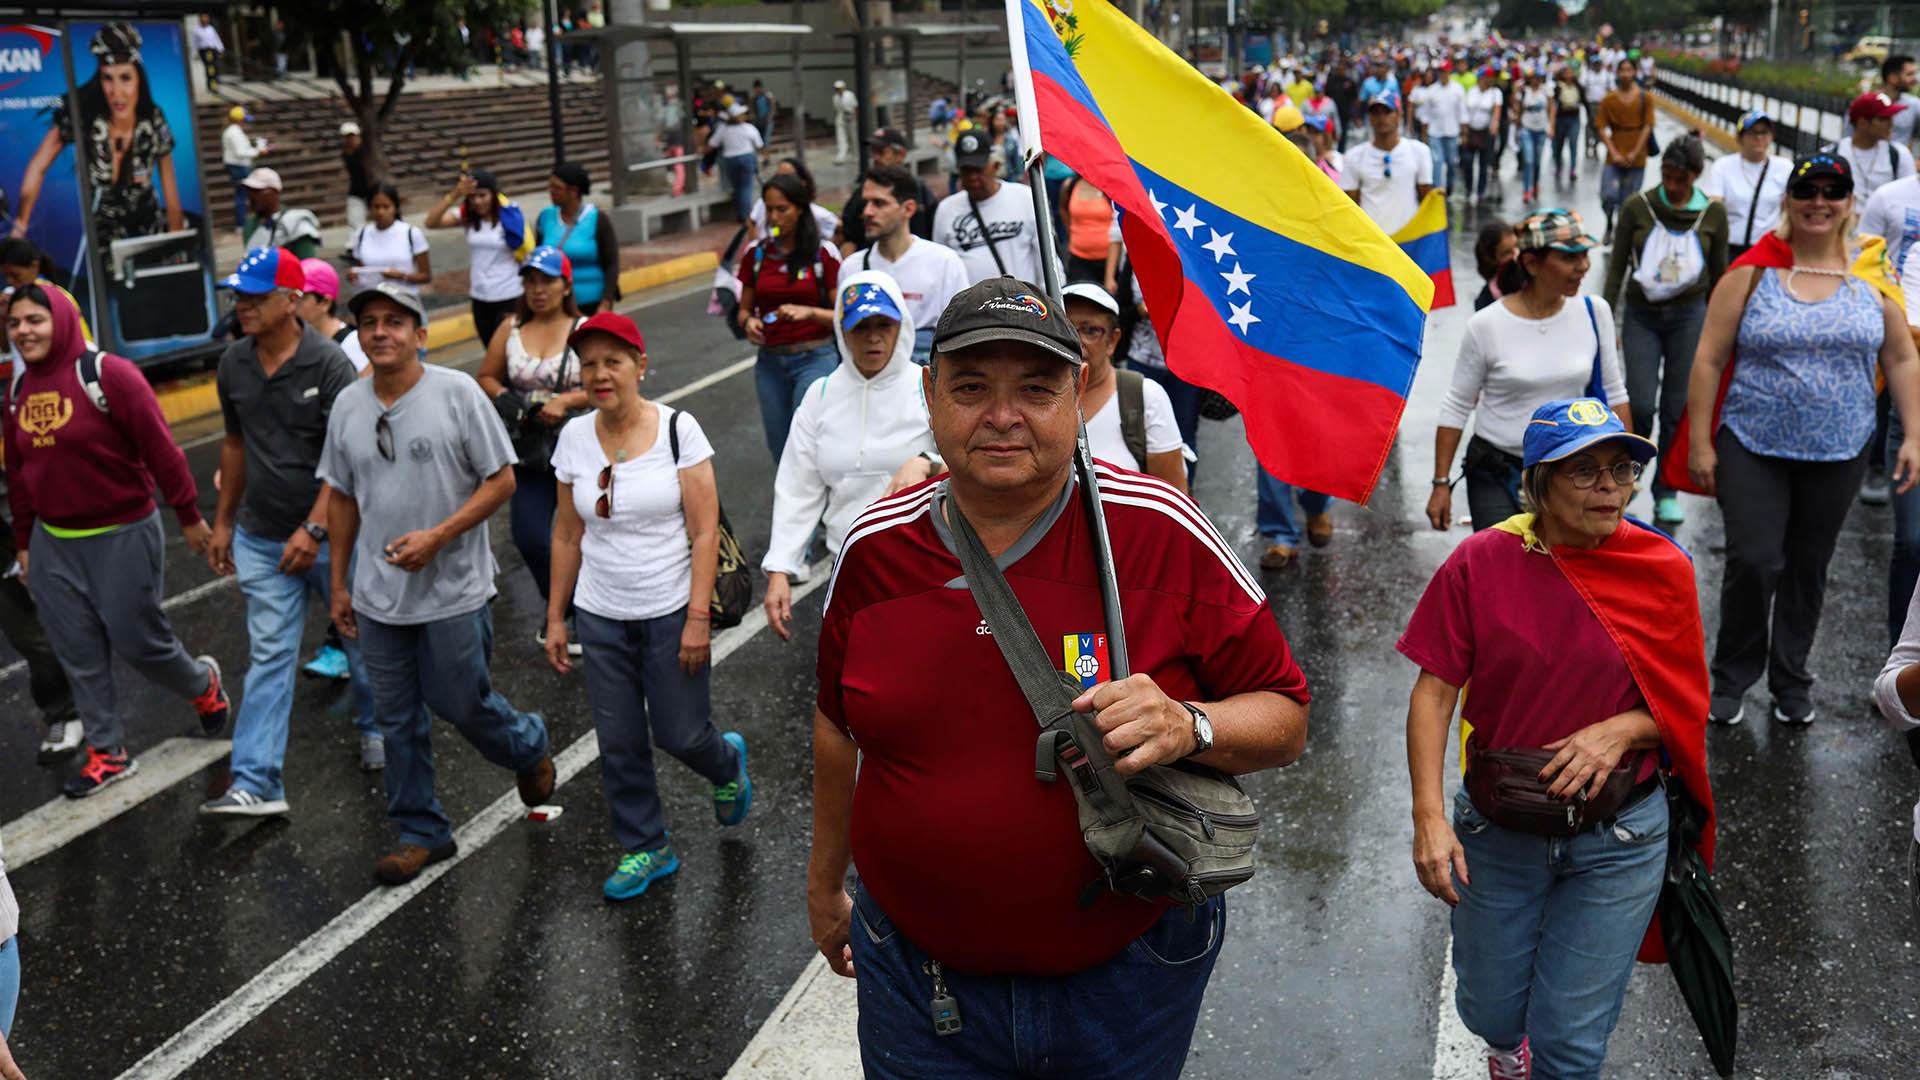 Las manifestaciones ocurren en medio de la peor crisis en la historia moderna del país petrolero, que sufre escasez de alimentos y medicinas y una hiperinflación que el FMI proyecta en 10.000.000% para 2019